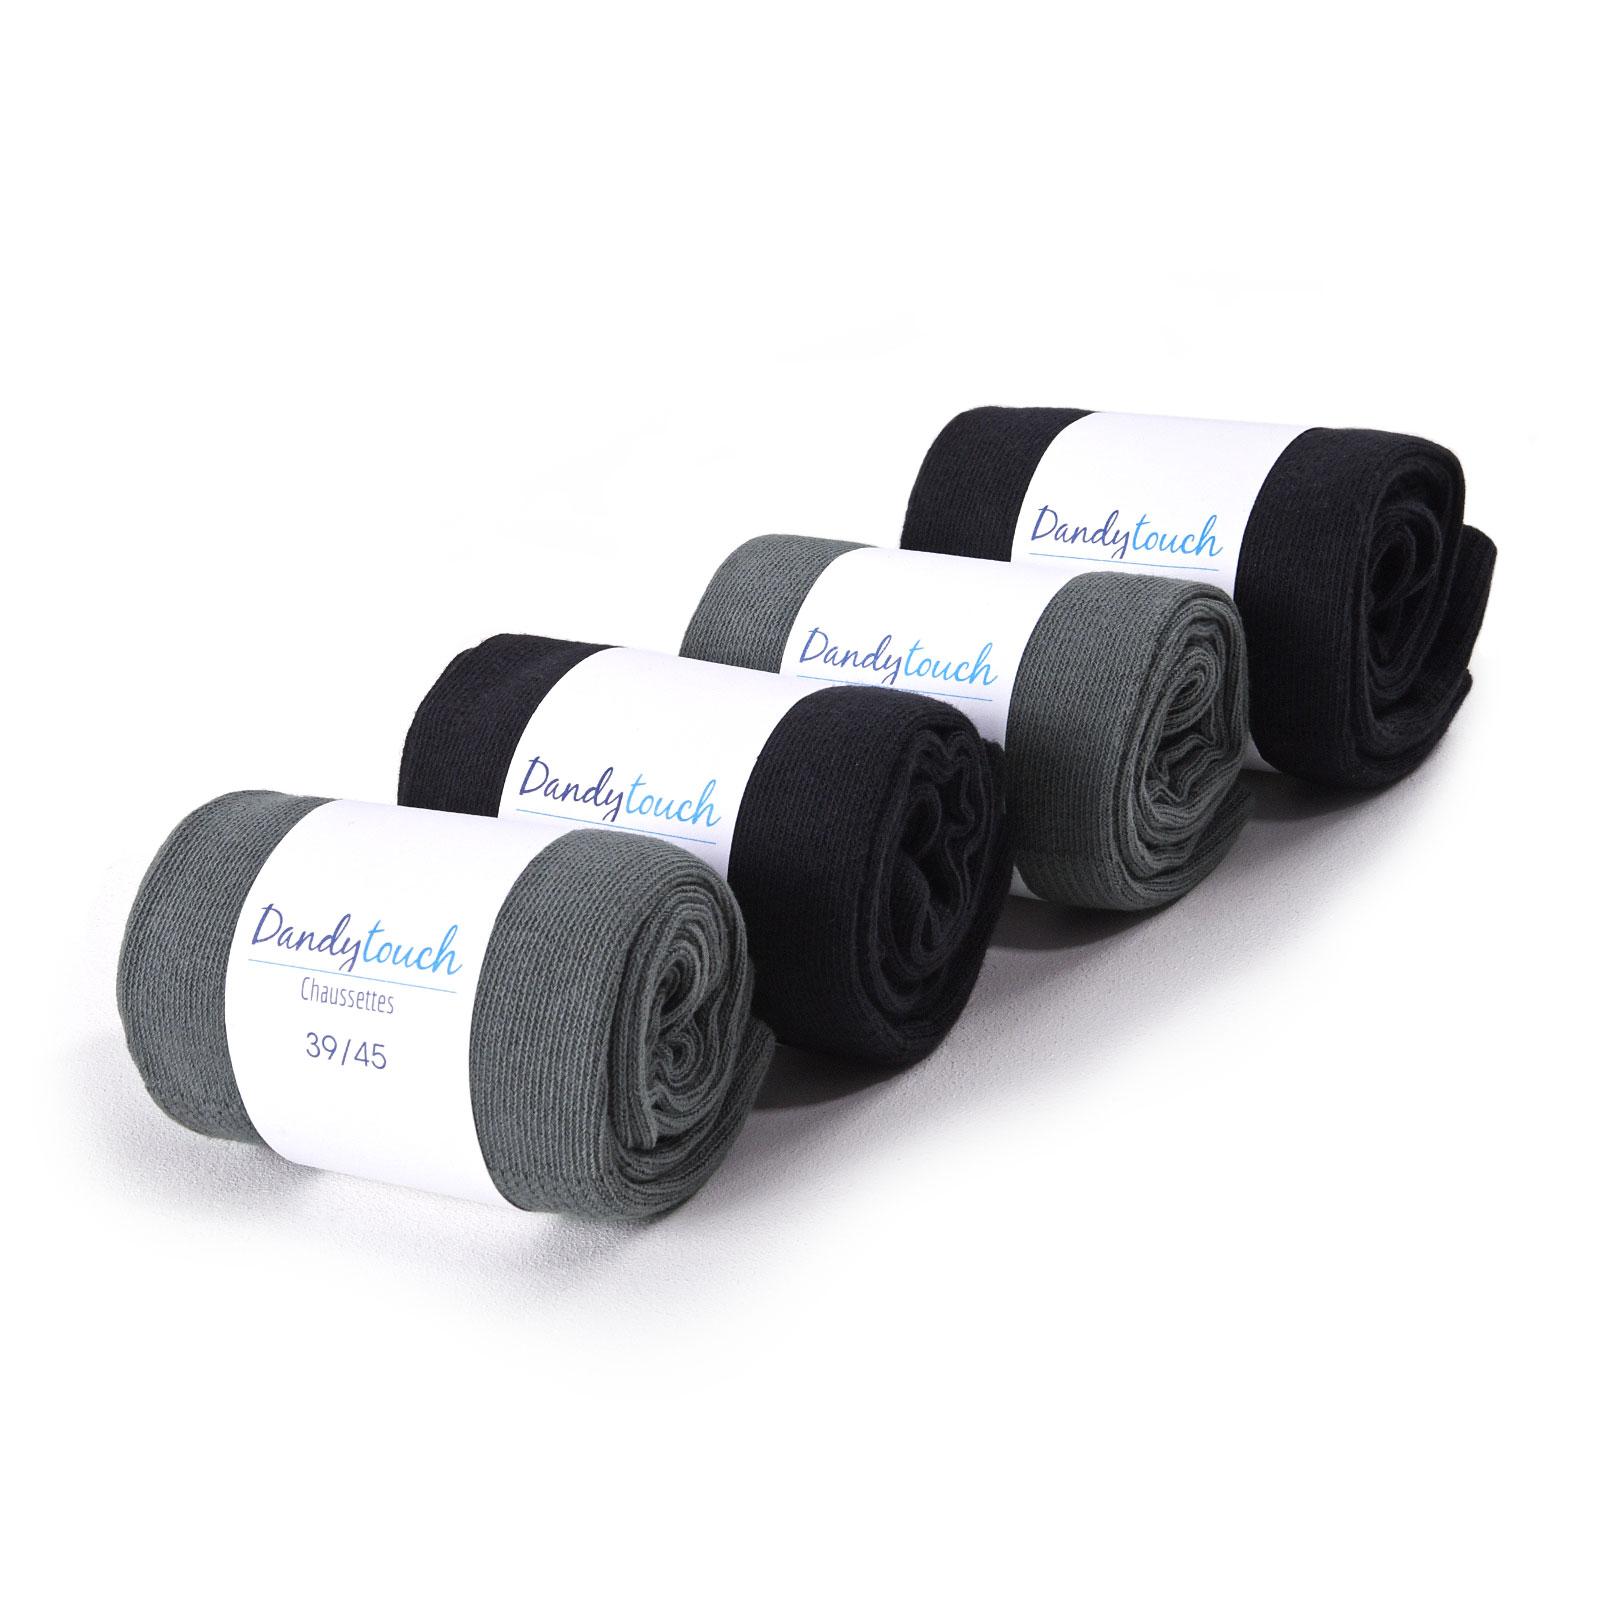 PK-00002-gris-F16-lot-4-paires-chaussettes-grises